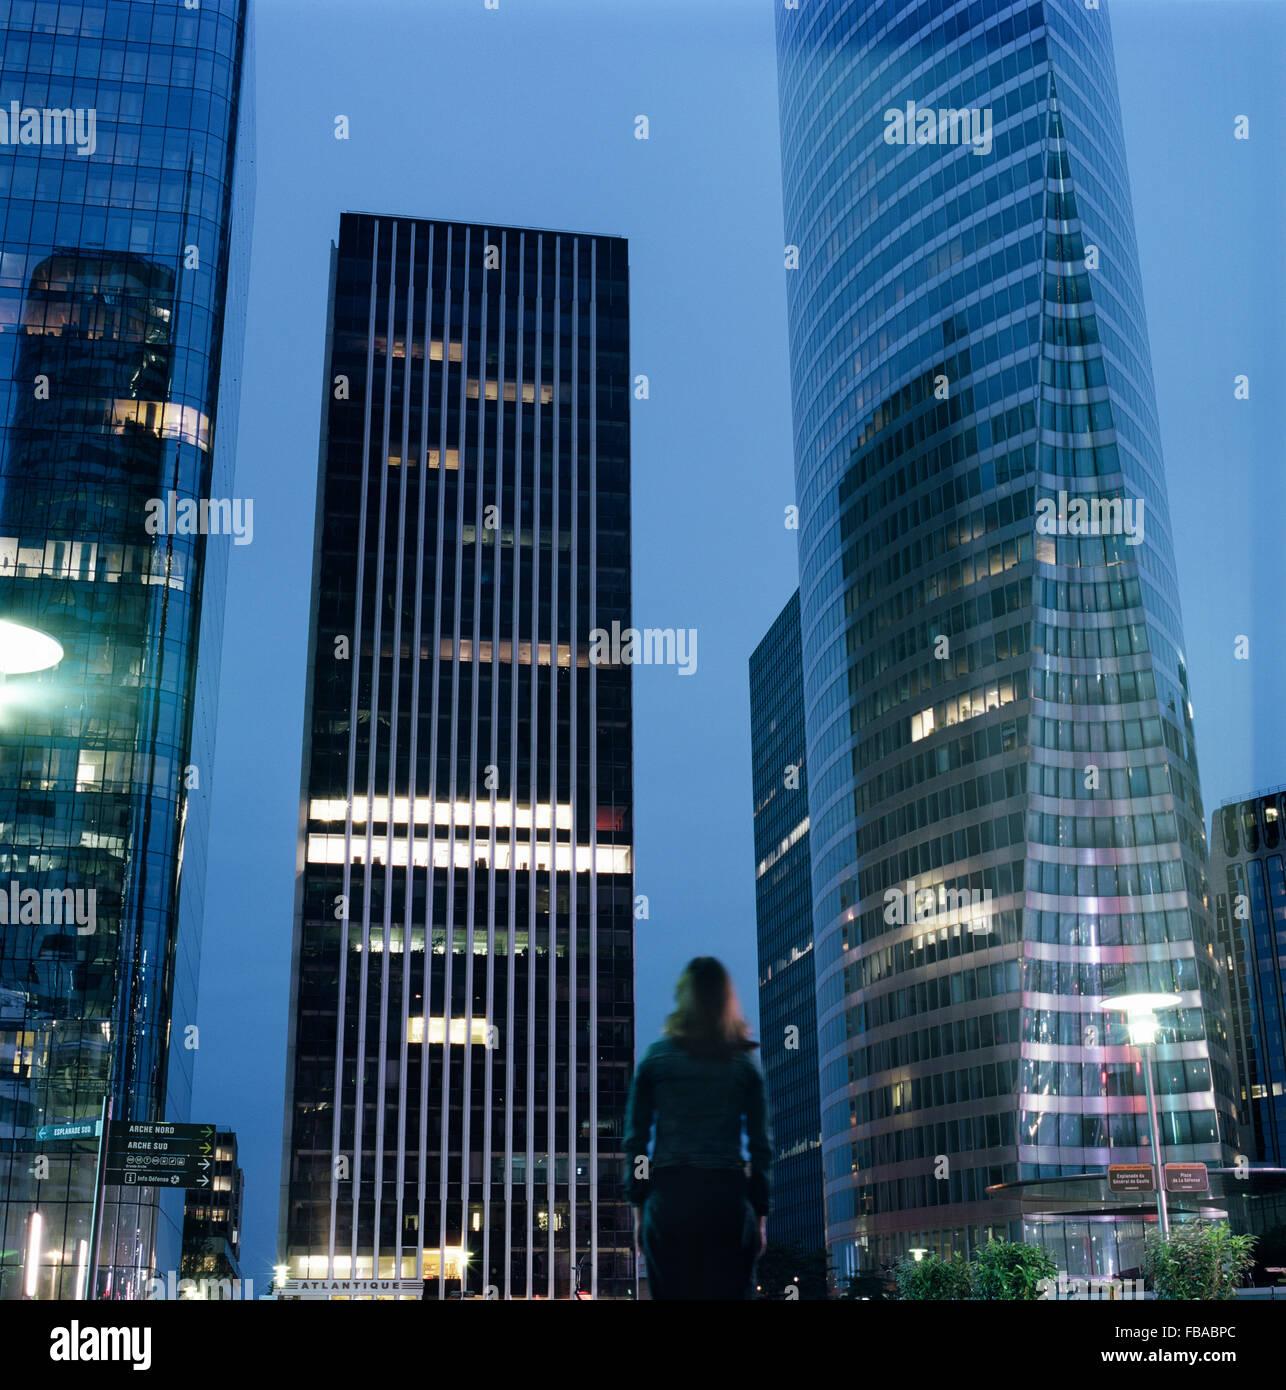 France, Ile-de-France, Paris, La Defense, Downtown district at dusk - Stock Image